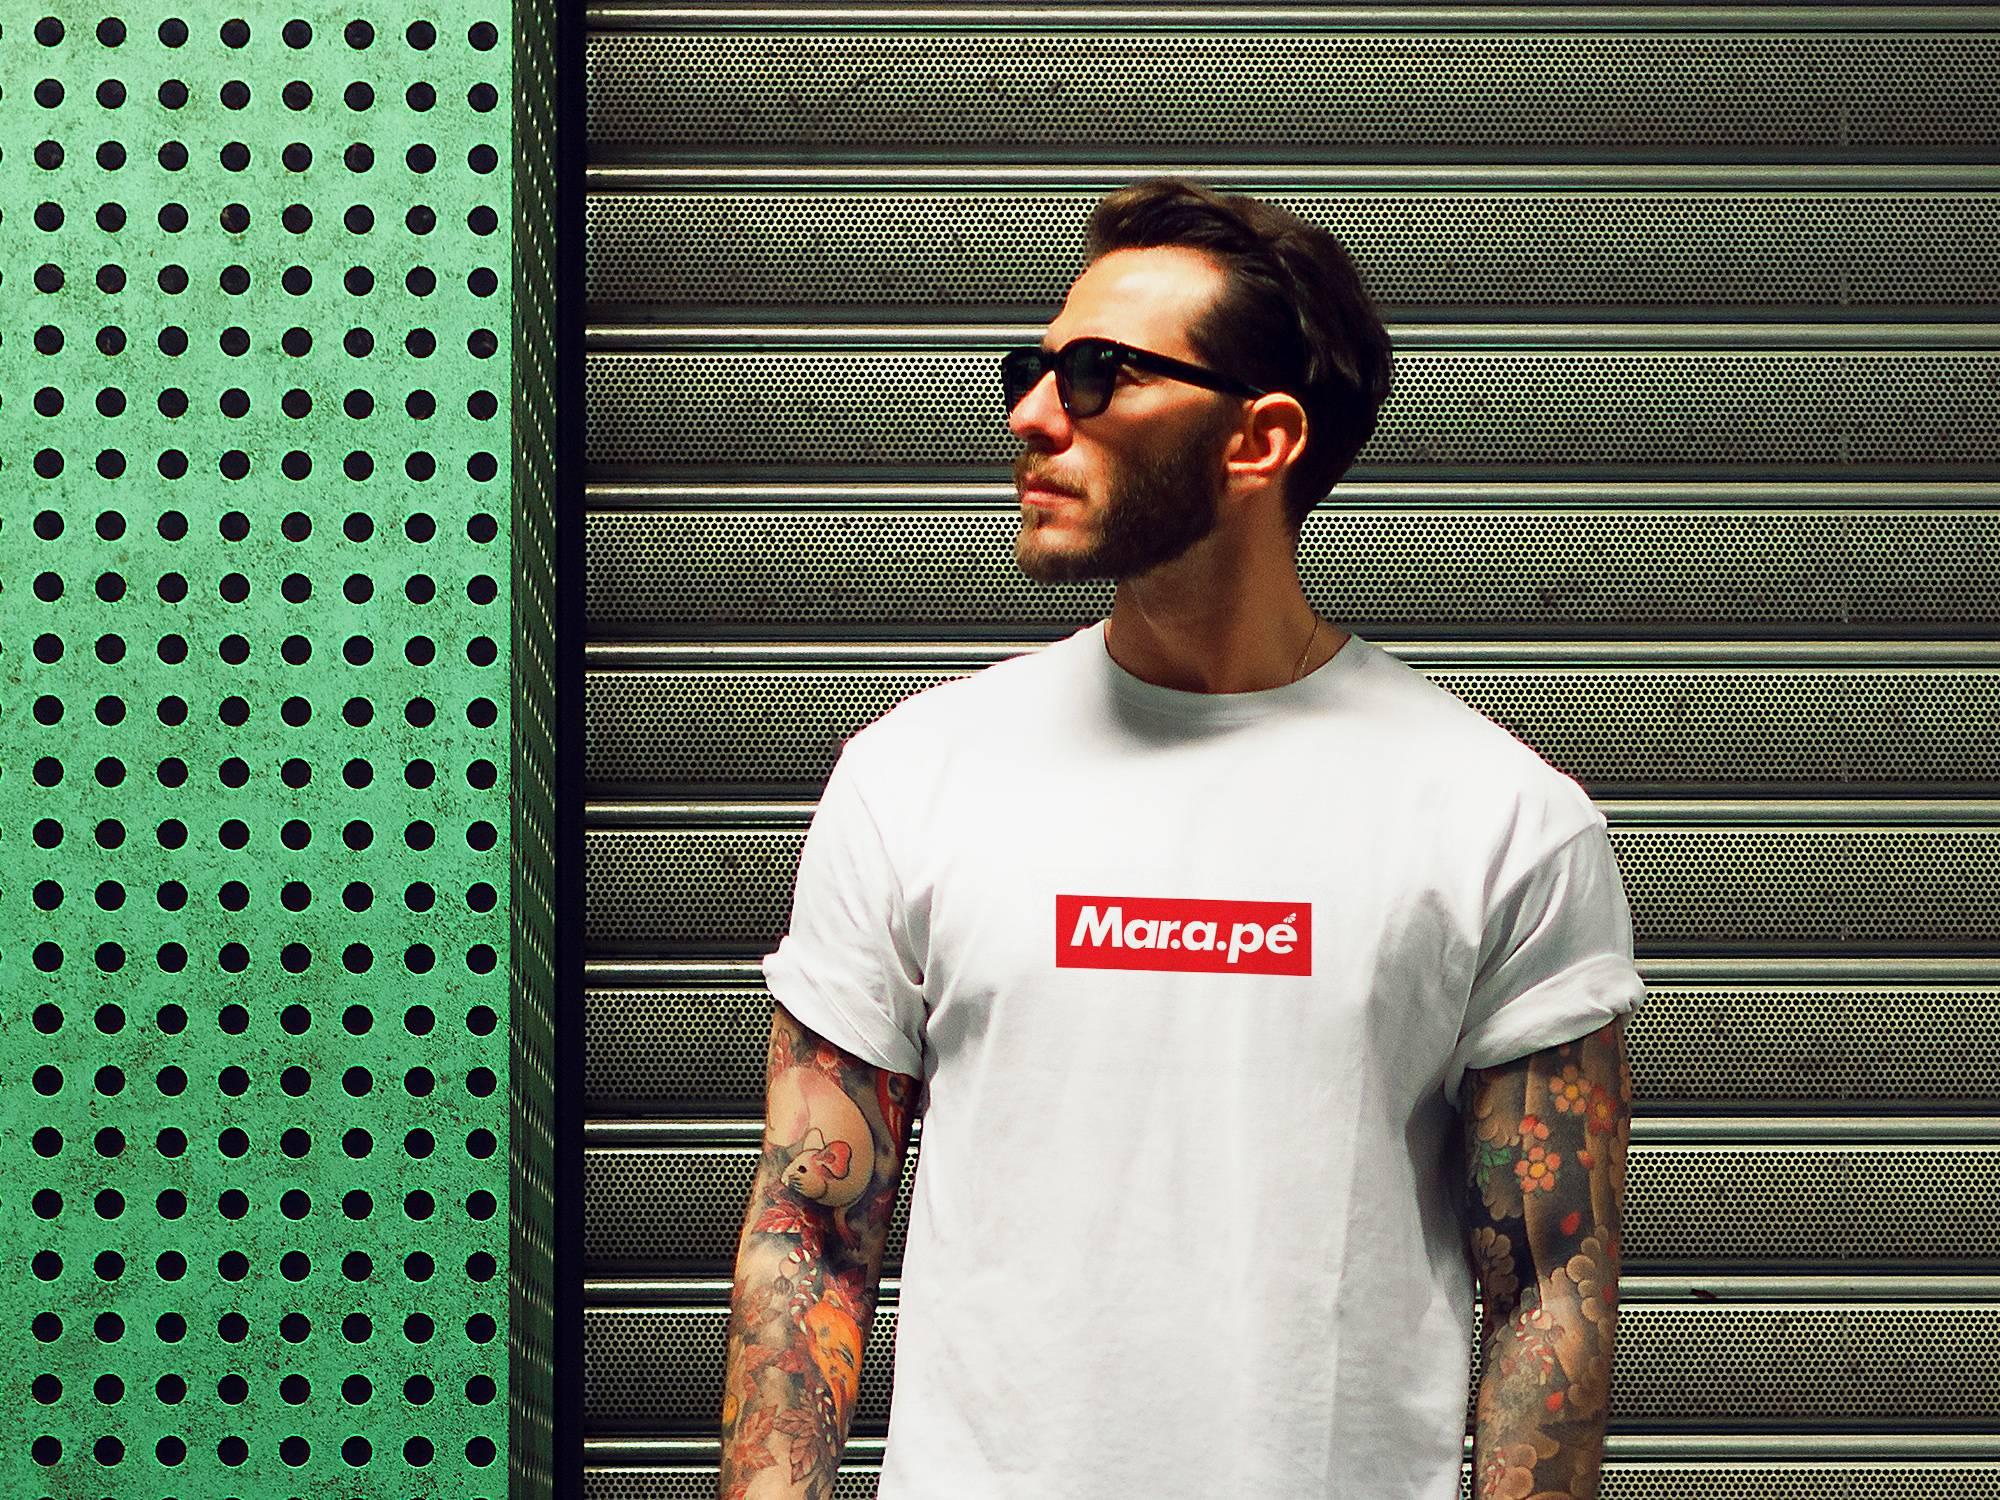 www.juicysantos.com.br - comprar camisetas do juicy santos